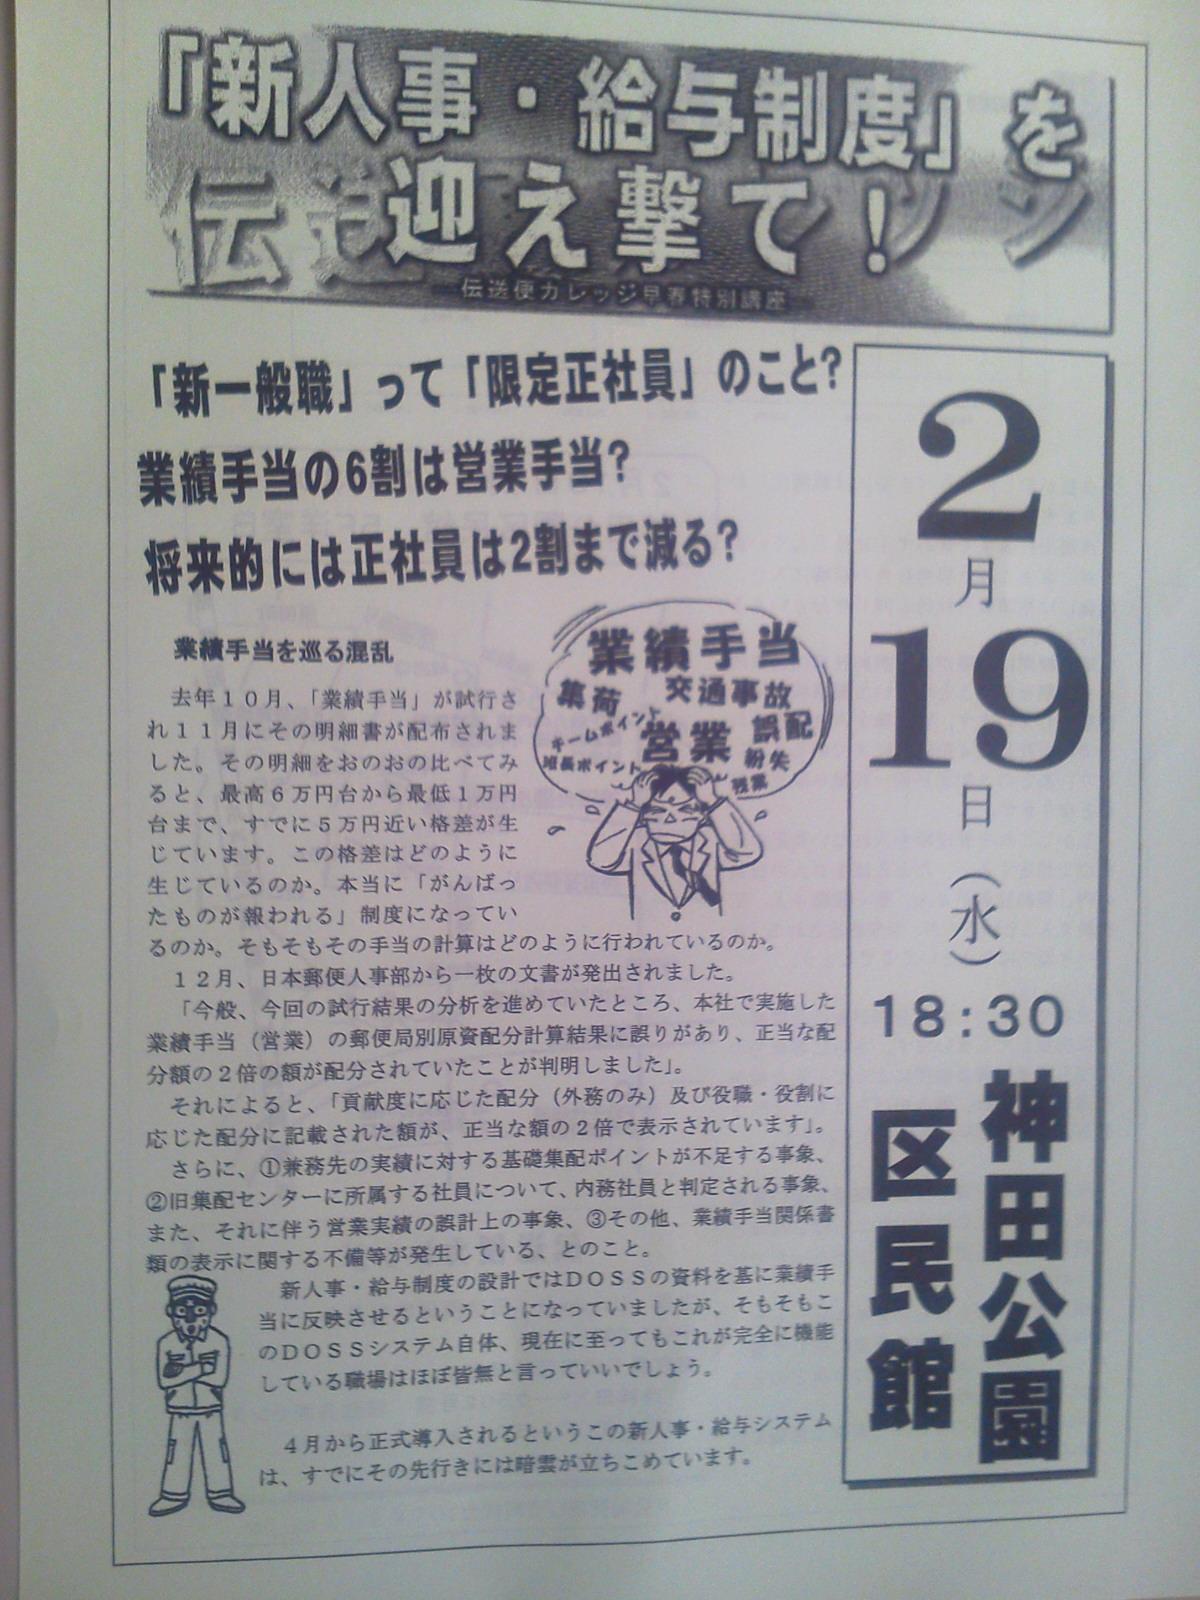 今夜、「新人事制度」学習会です!_b0050651_8403110.jpg